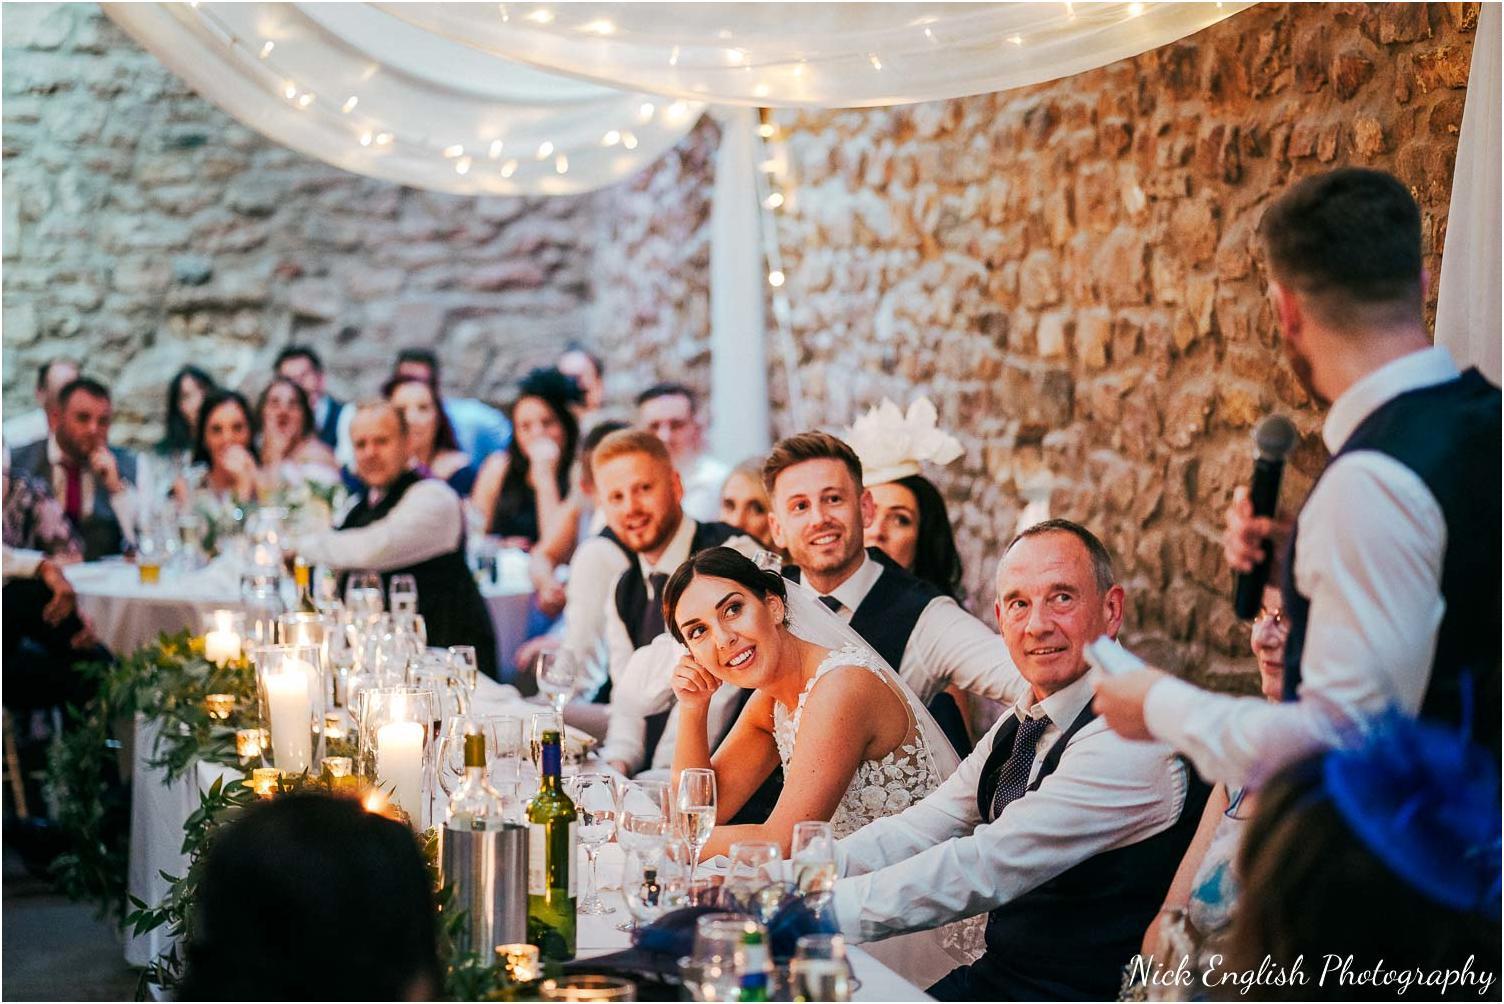 Browsholme_Hall_Barn_Wedding_Nick_English_Photography-150.jpg